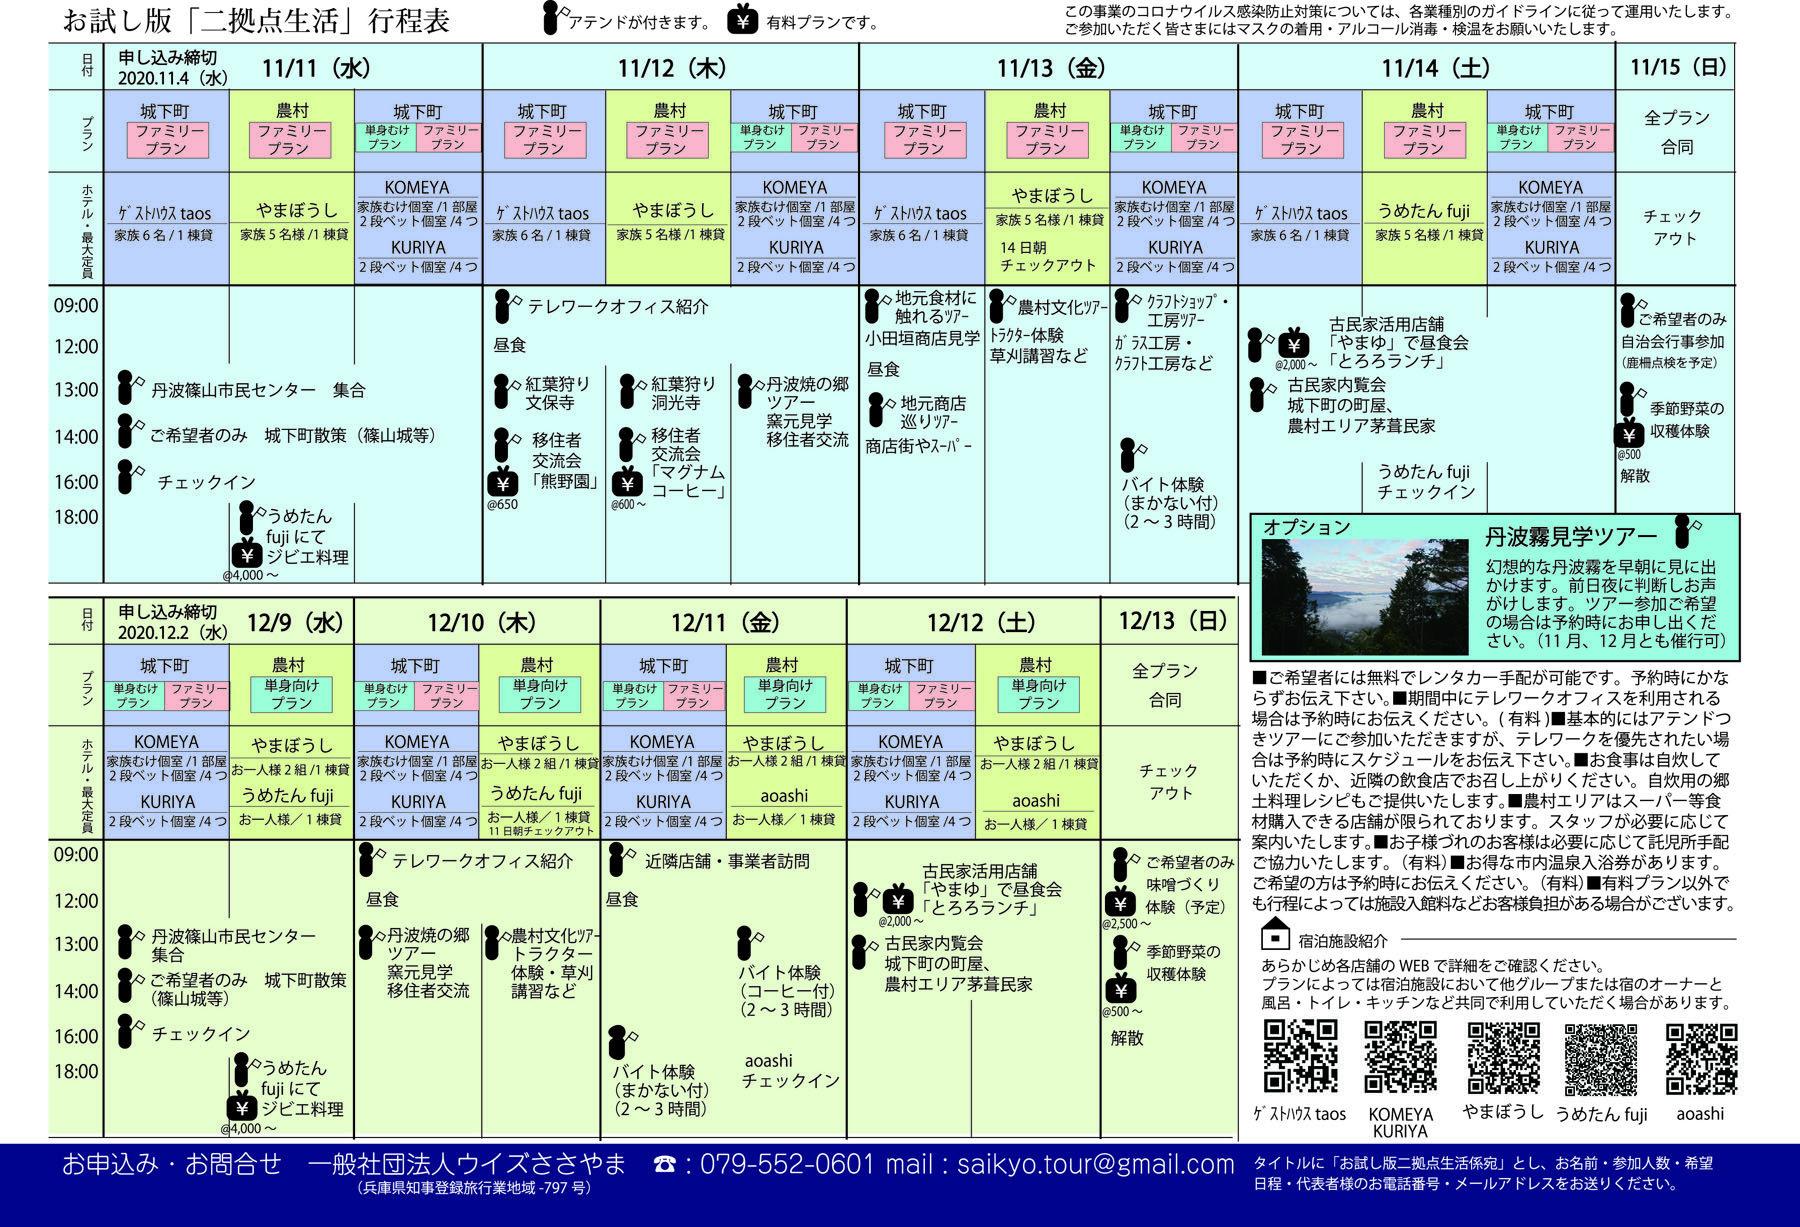 丹羽篠山二拠点生活旅程